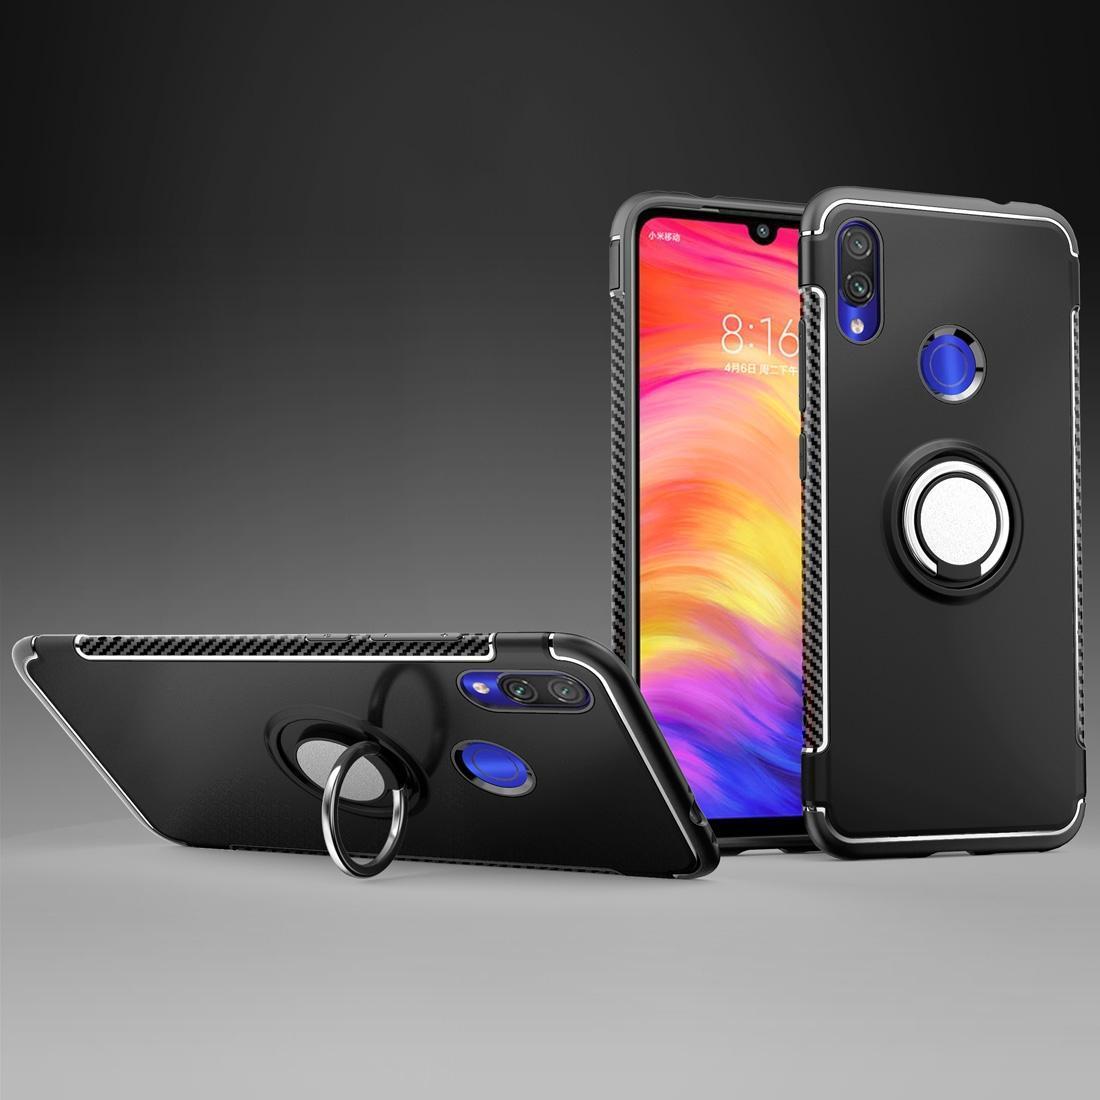 360 Derece Dönme Halka Tutucu ile Xiaomi redmi Not 7 için Manyetik Zırh Koruyucu Kılıf,